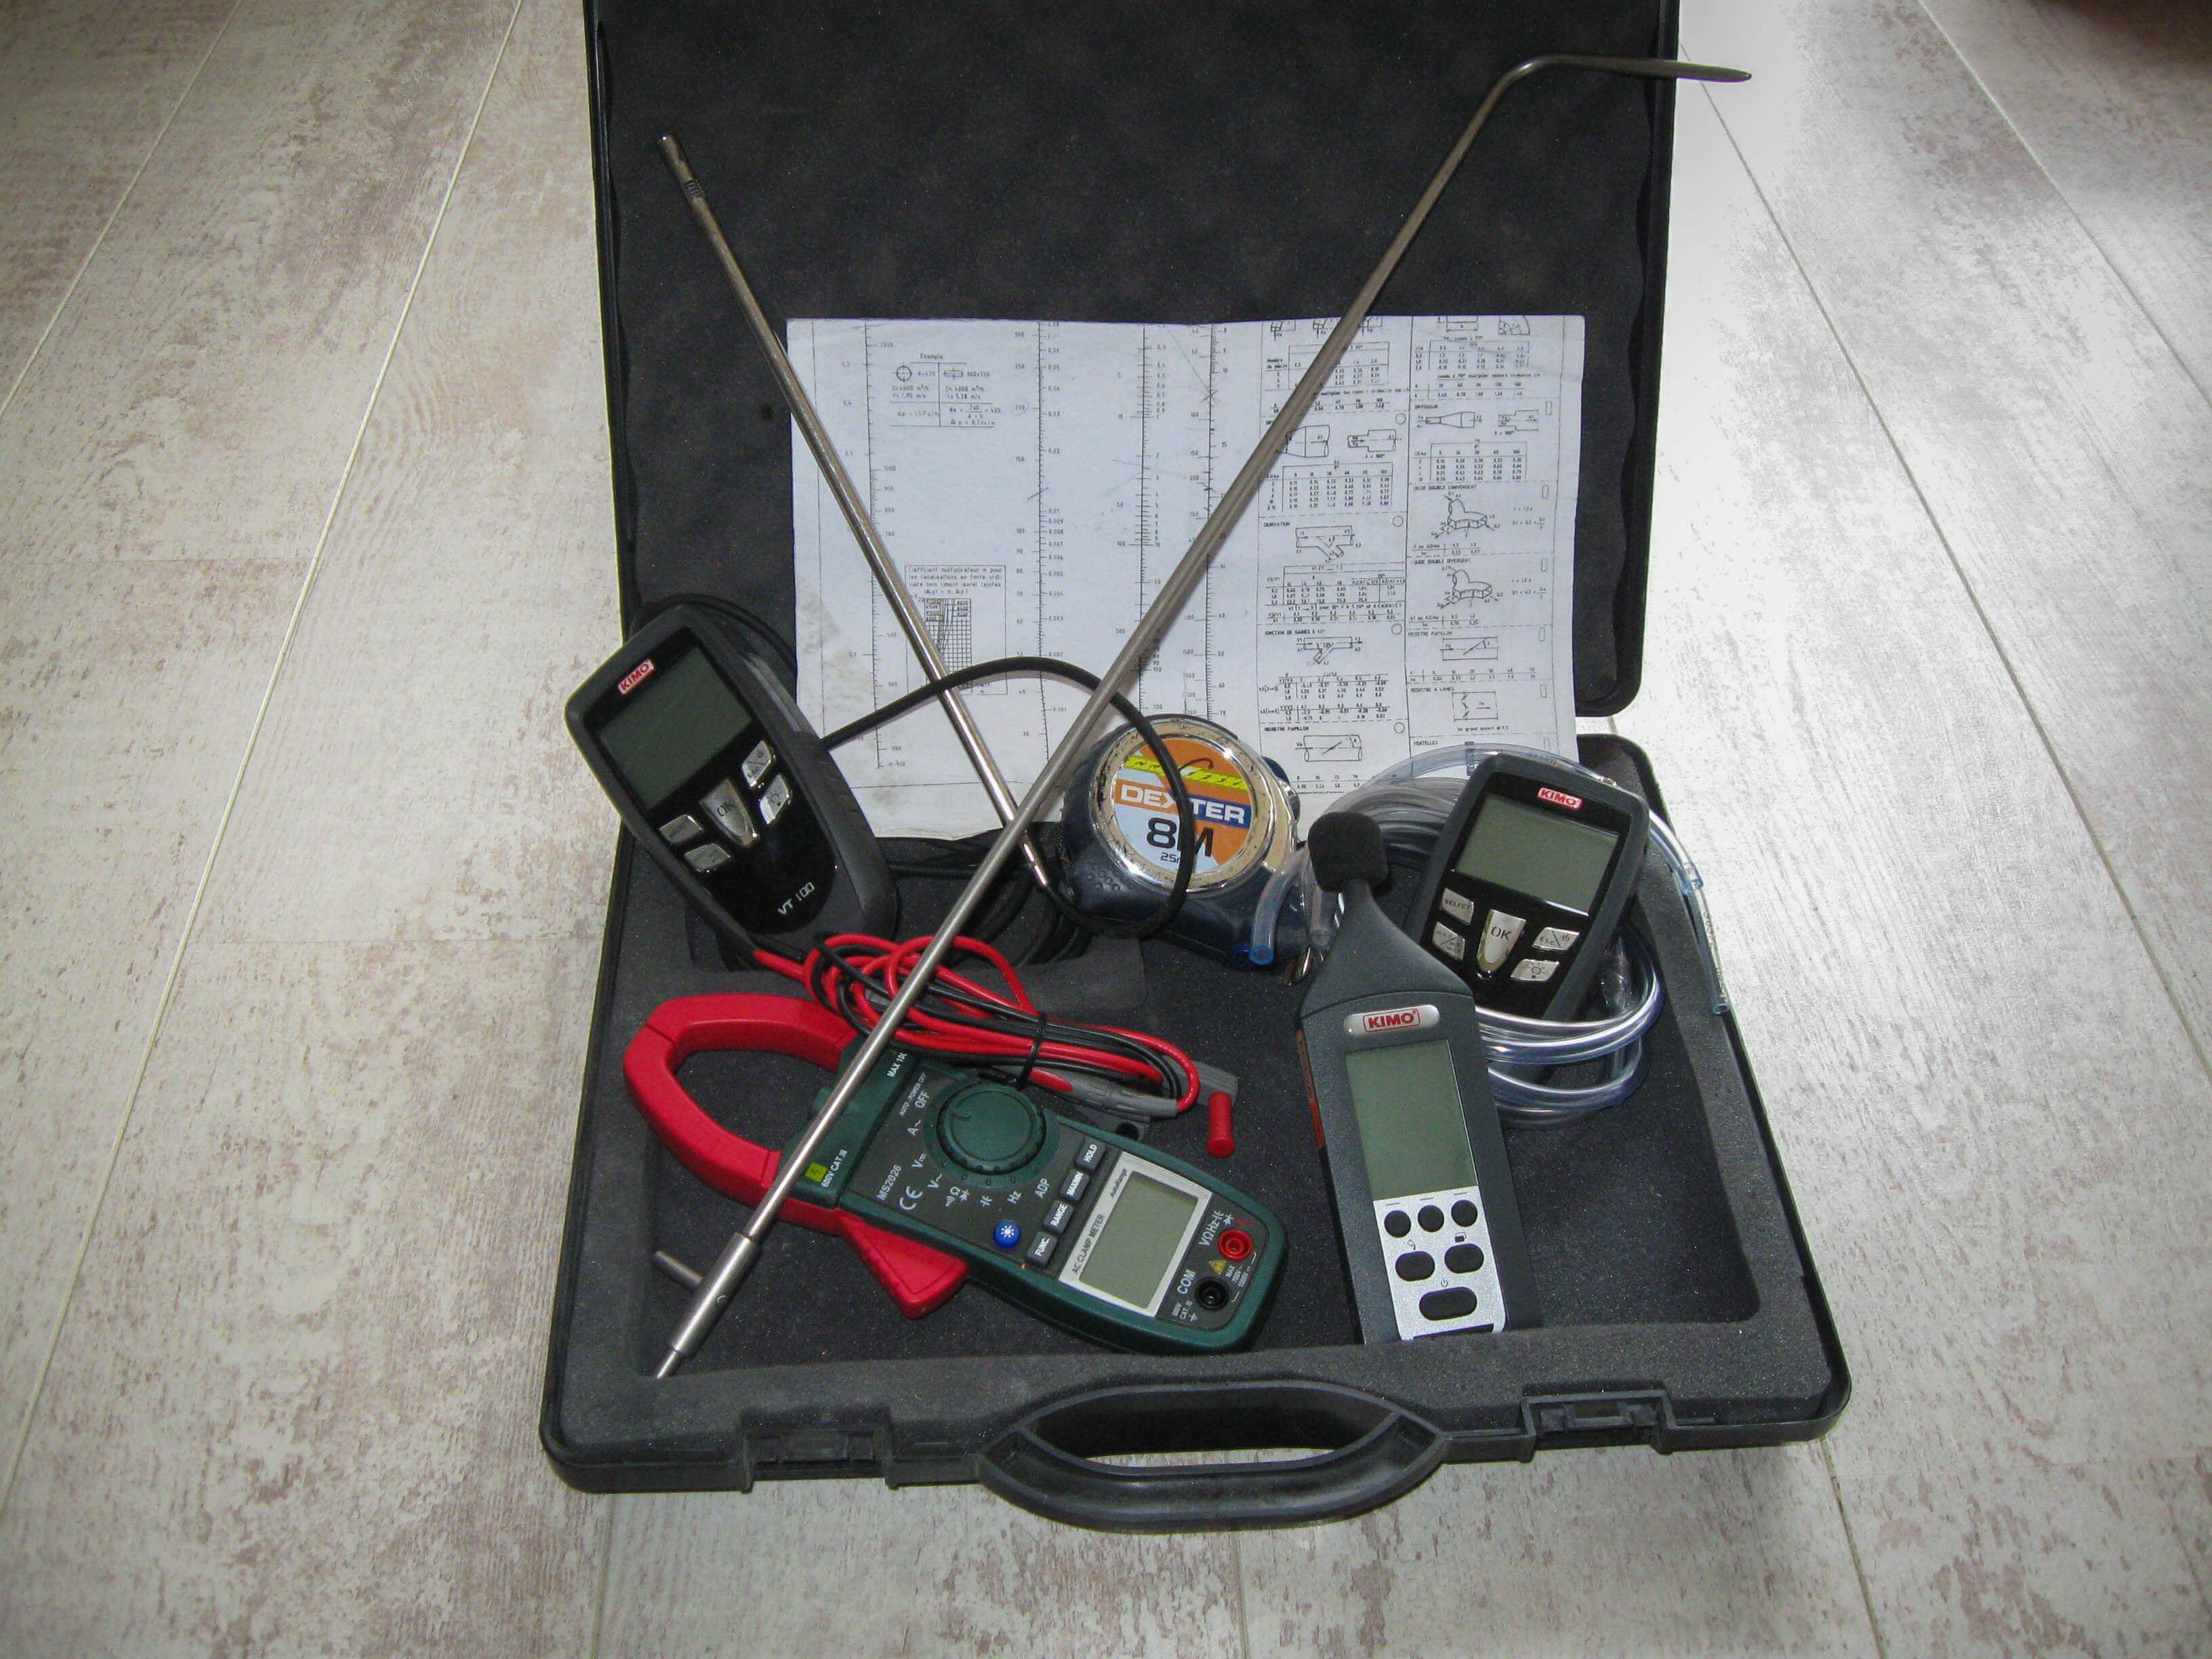 Outils pour audits, contrôle d'installations d'aspiration et ventilation avec anémomètre, sonomètre, pressostat, sonde Pitot.